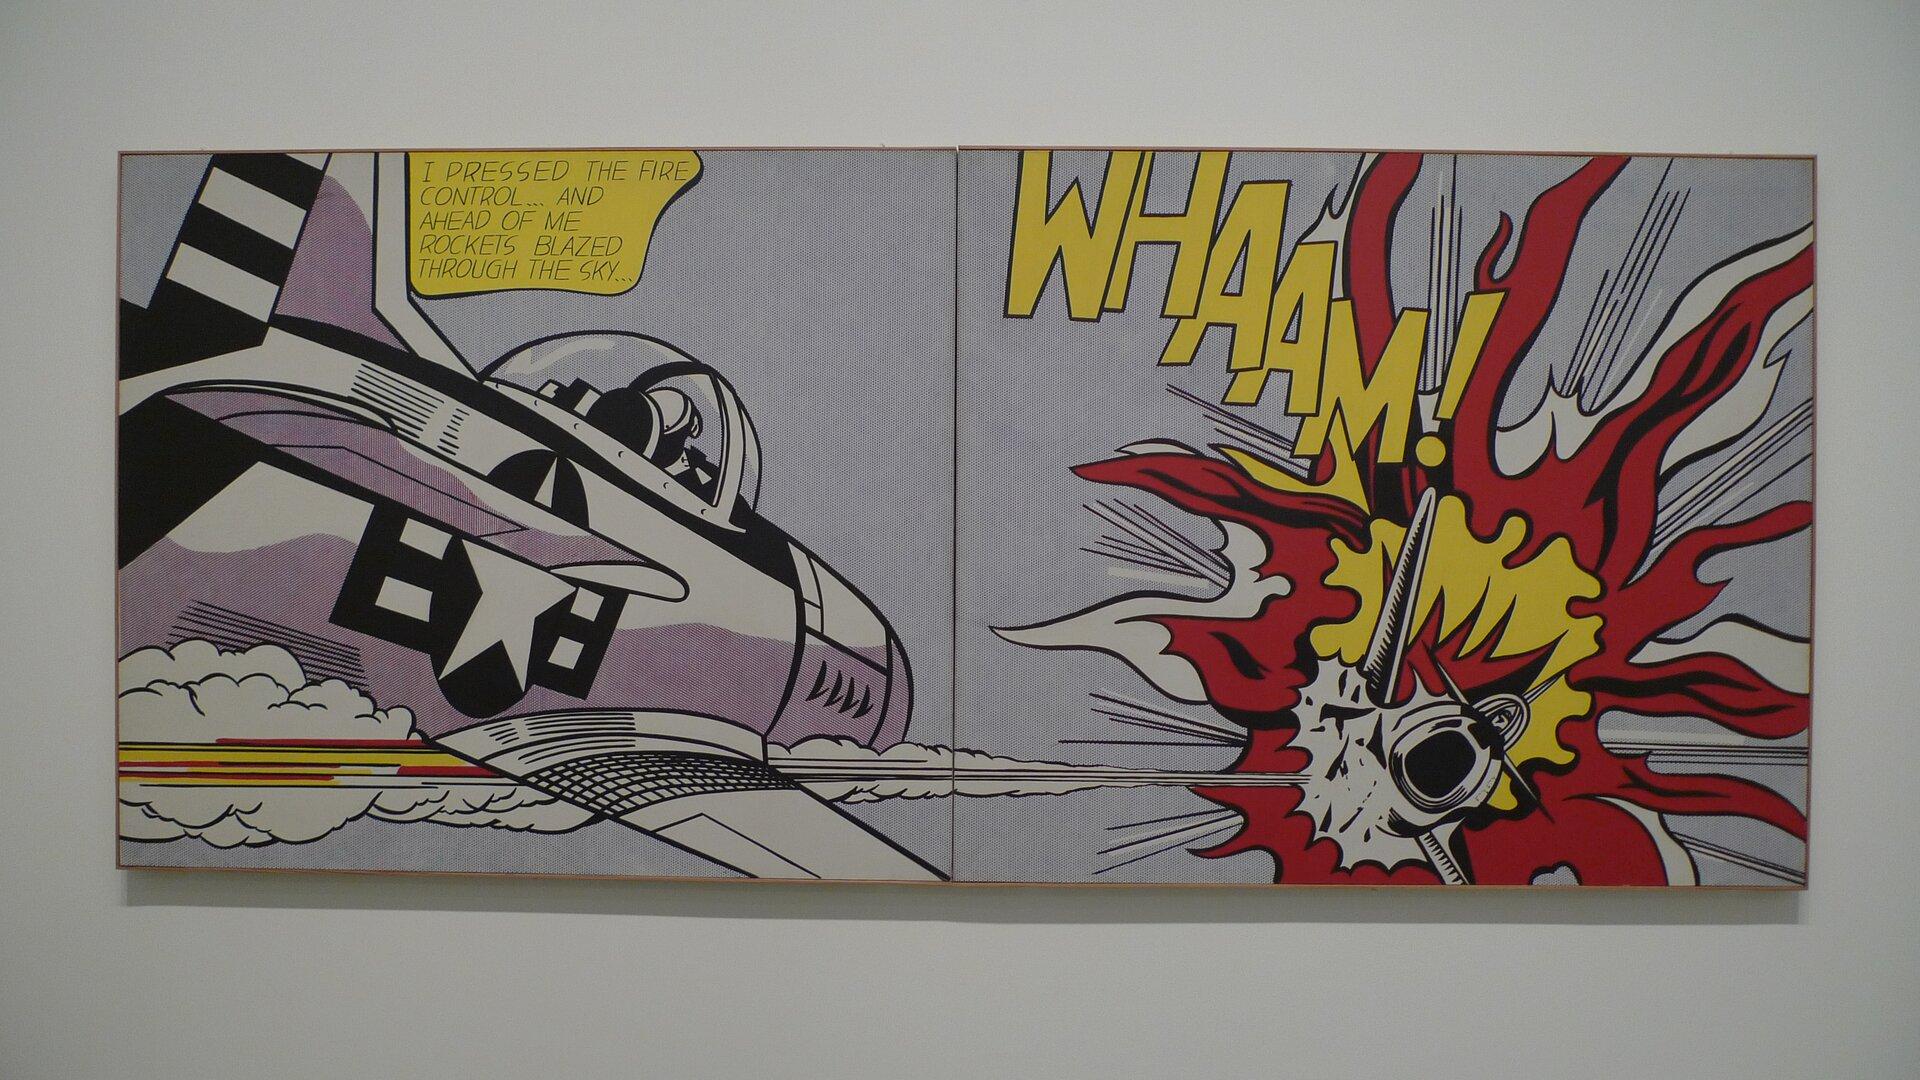 """Ilustracja przedstawia dzieło Roya Lichtensteina Roya Lichtensteina """"WHAM!"""", na którym po lewej stronie ukazany jest fioletowo-biały samolot, anaprzeciwko wczerwono-żółto-białych płomieniach drugi. Do płomieni dołączony jest napis sugerujący dźwięk """"WHAM"""" zwykrzyknikiem. Wszystkie elementy barwne otoczone są czarną linią konturu. Nad pierwszym samolotem znajduje się chmurką ztekstem, jak wkomiksie."""